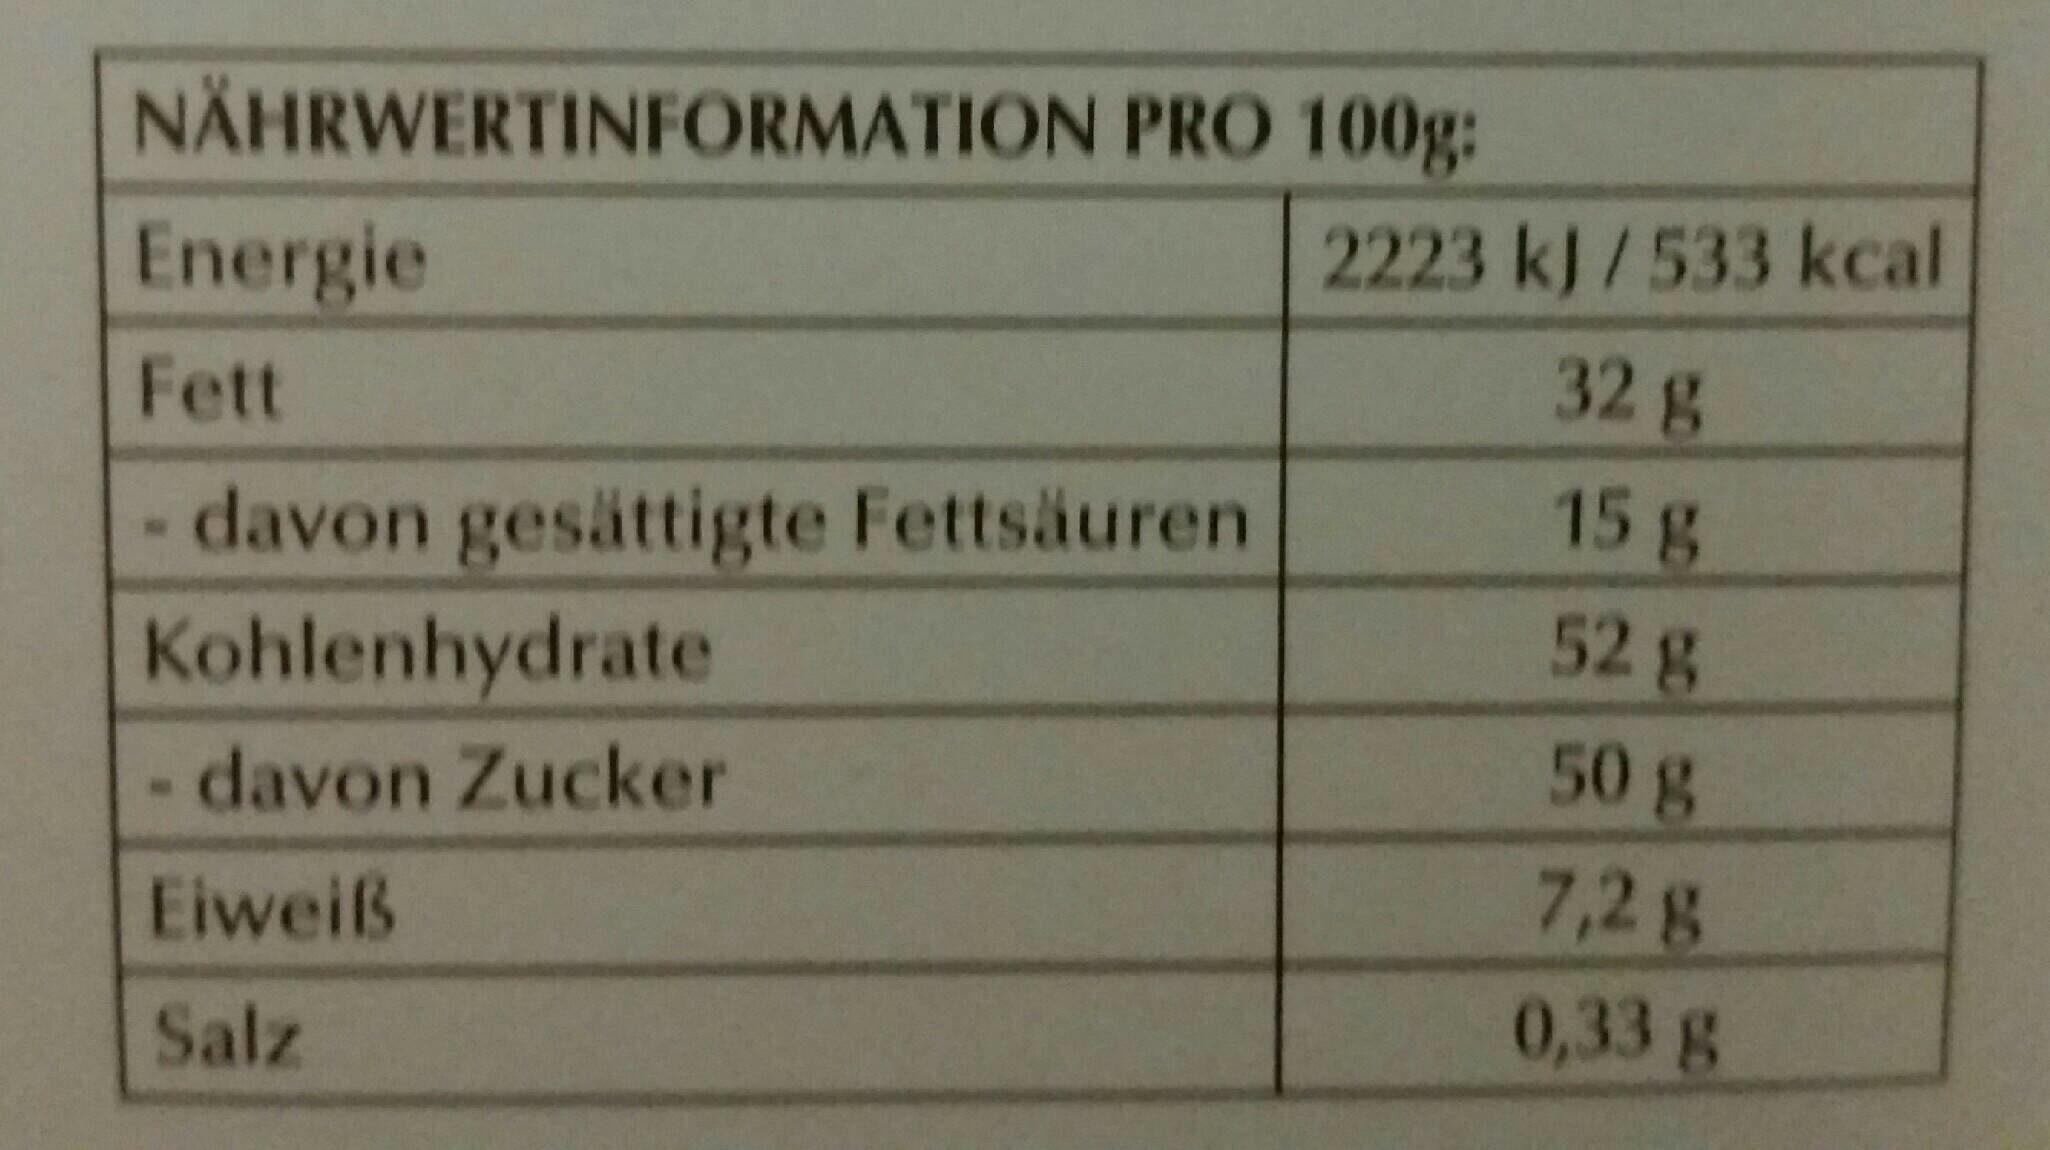 Lindt Mini Pralinés x36 - Nutrition facts